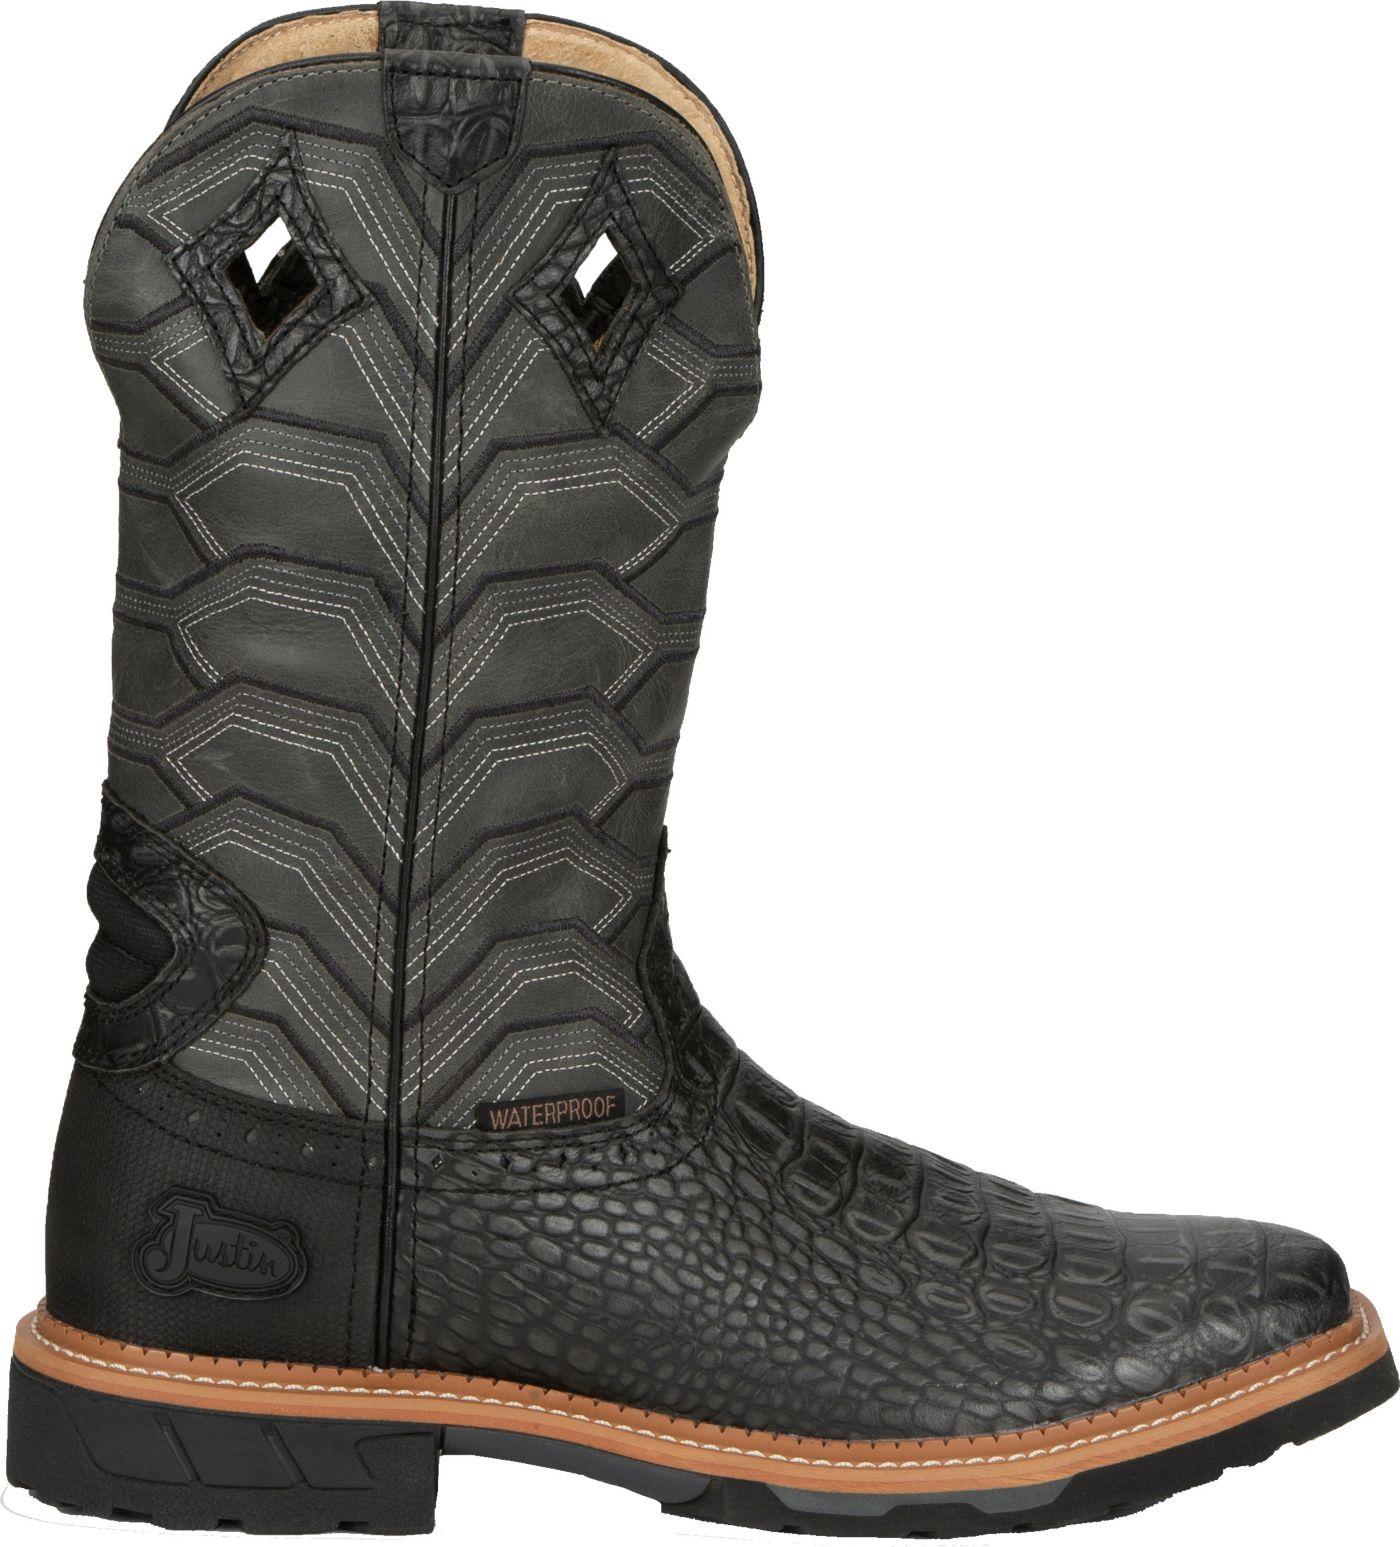 Justin Men's Derrickman Waterproof Western Work Boots